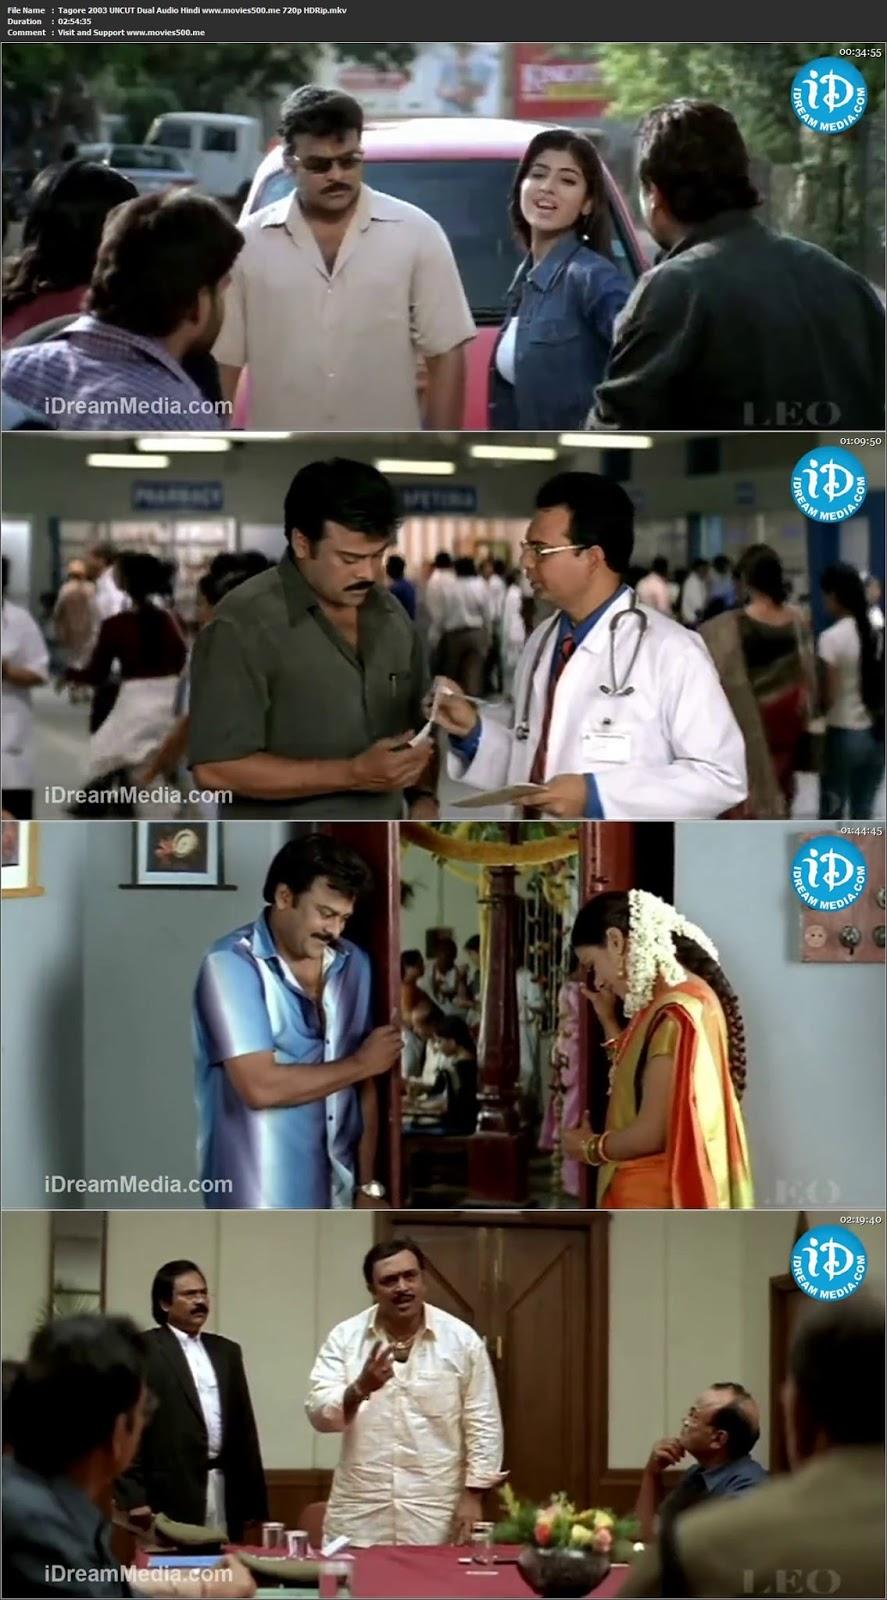 Tagore 2003 UNCUT Dual Audio Hindi Full Movie HDRip 720p at movies500.bid